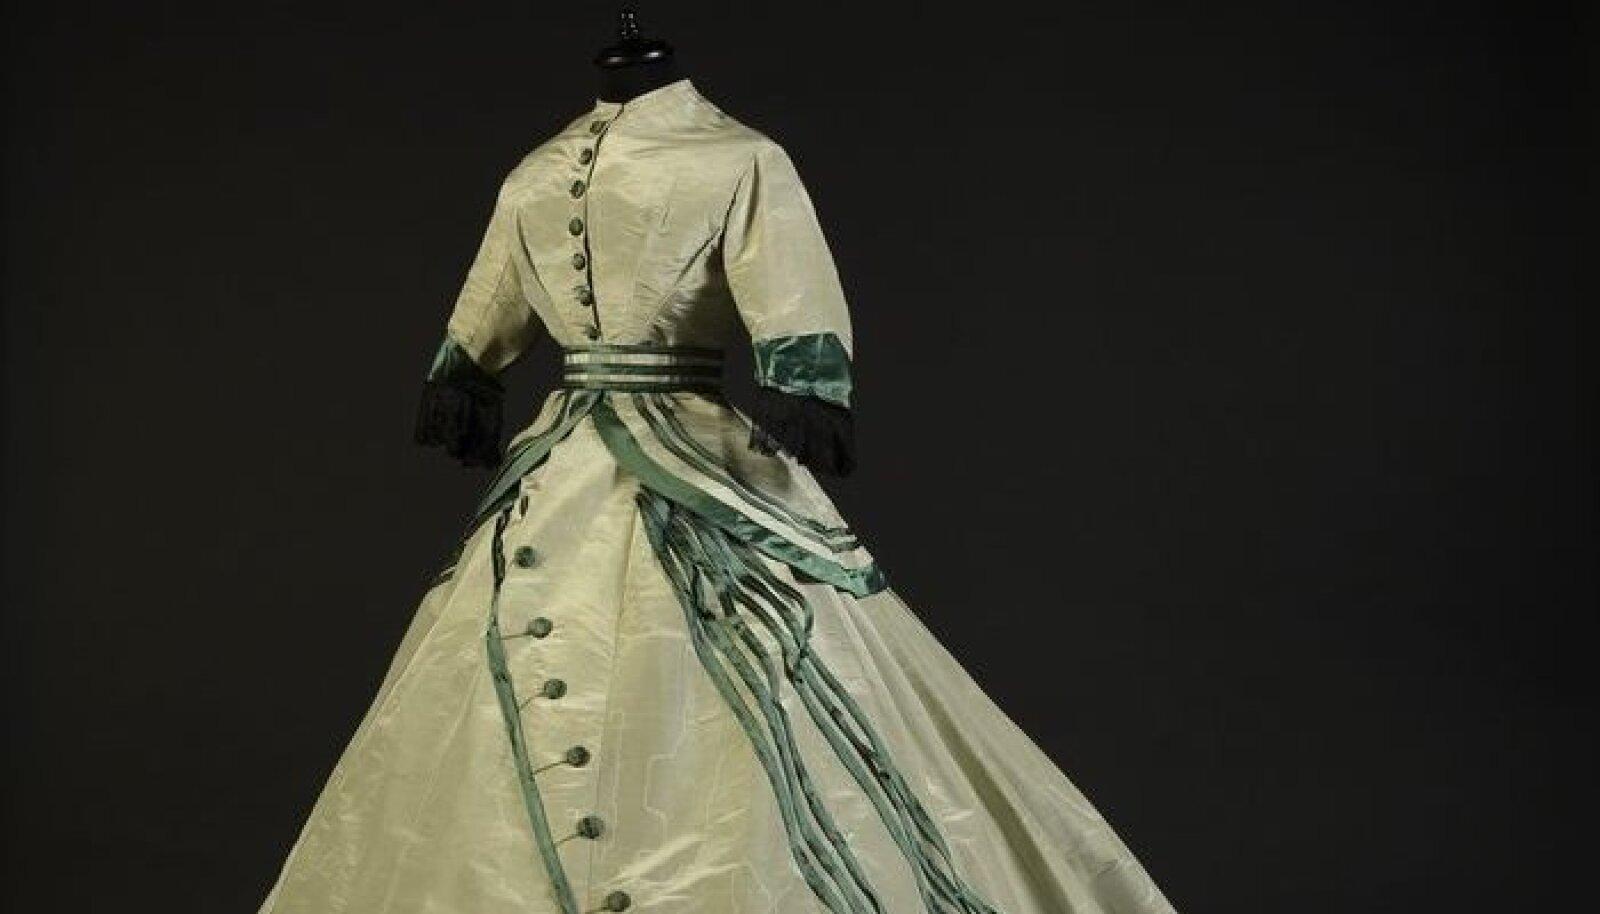 Seda rohekast taftist vedikuga kleiti kanti mõnesEuroopa peenes salongisumbes 1865. aastal.